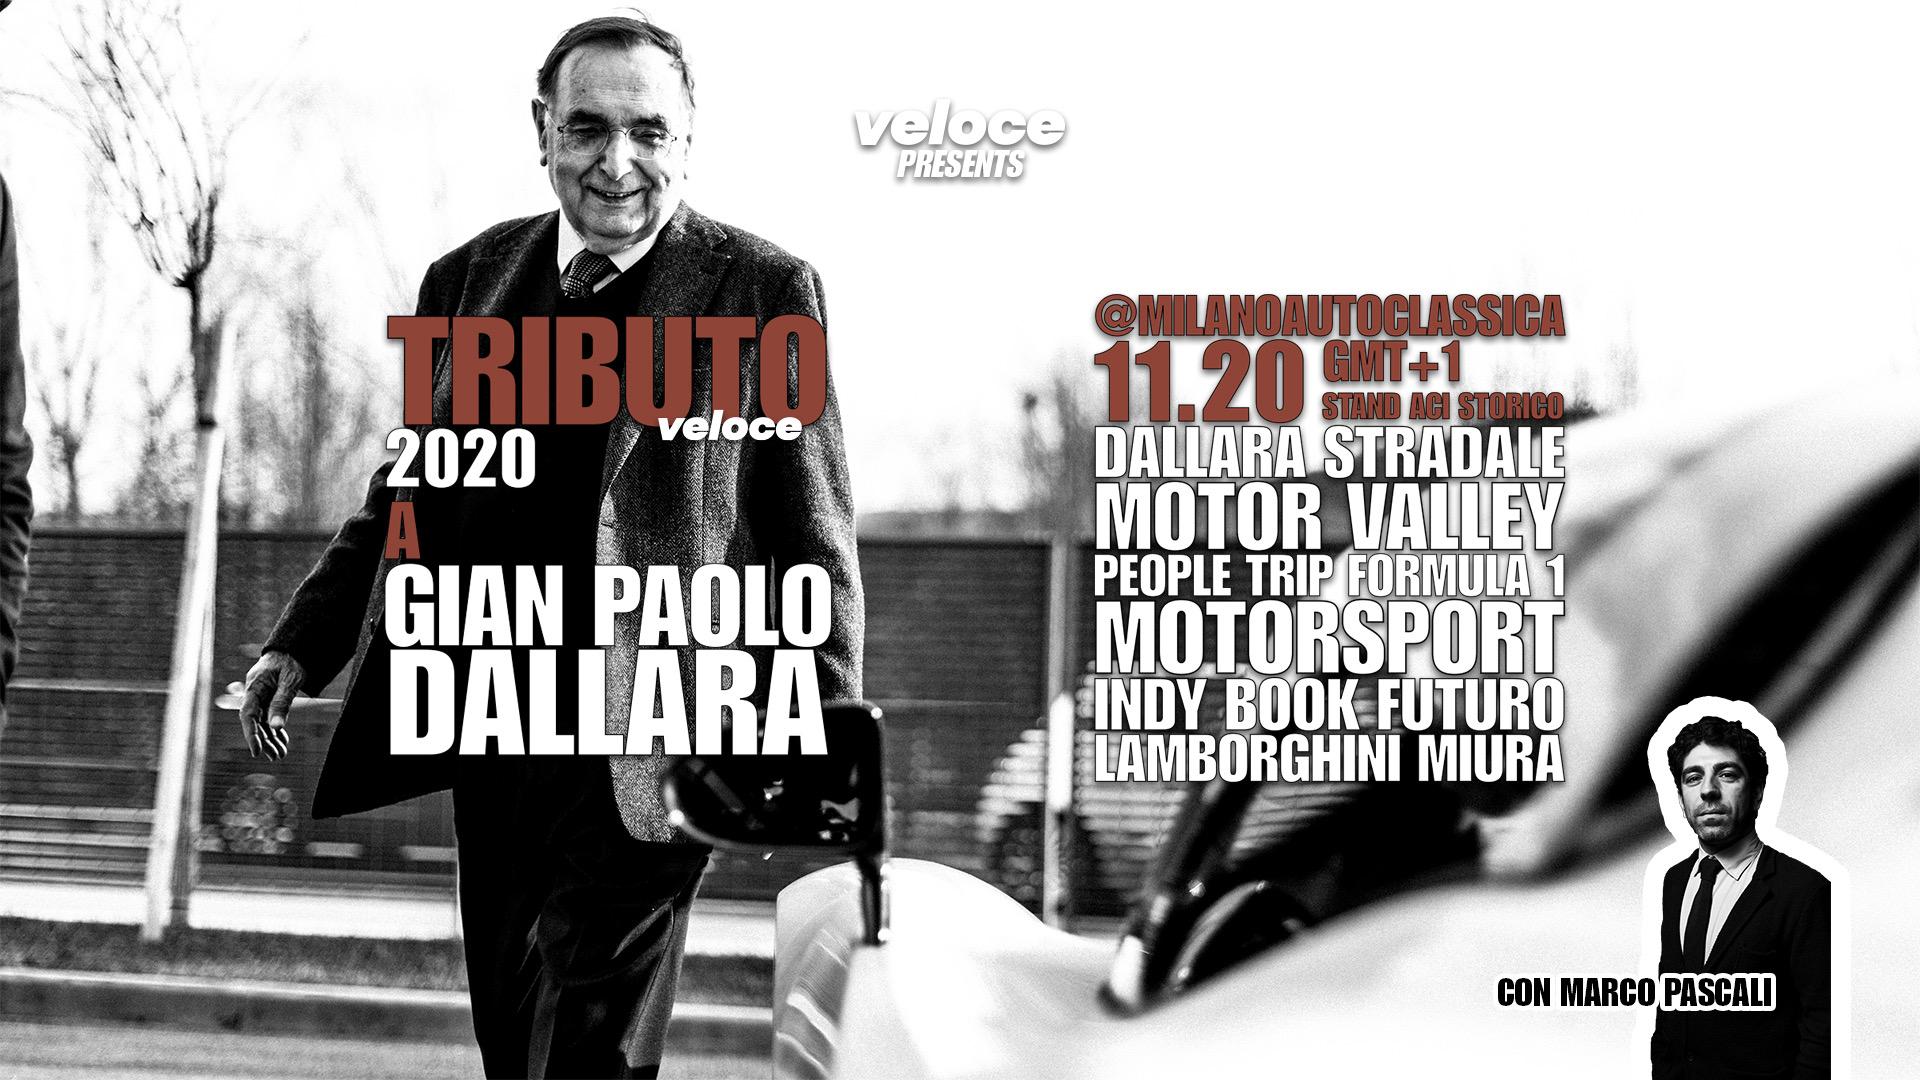 Premio tributo Veloce: il 26 settembre a Dallara